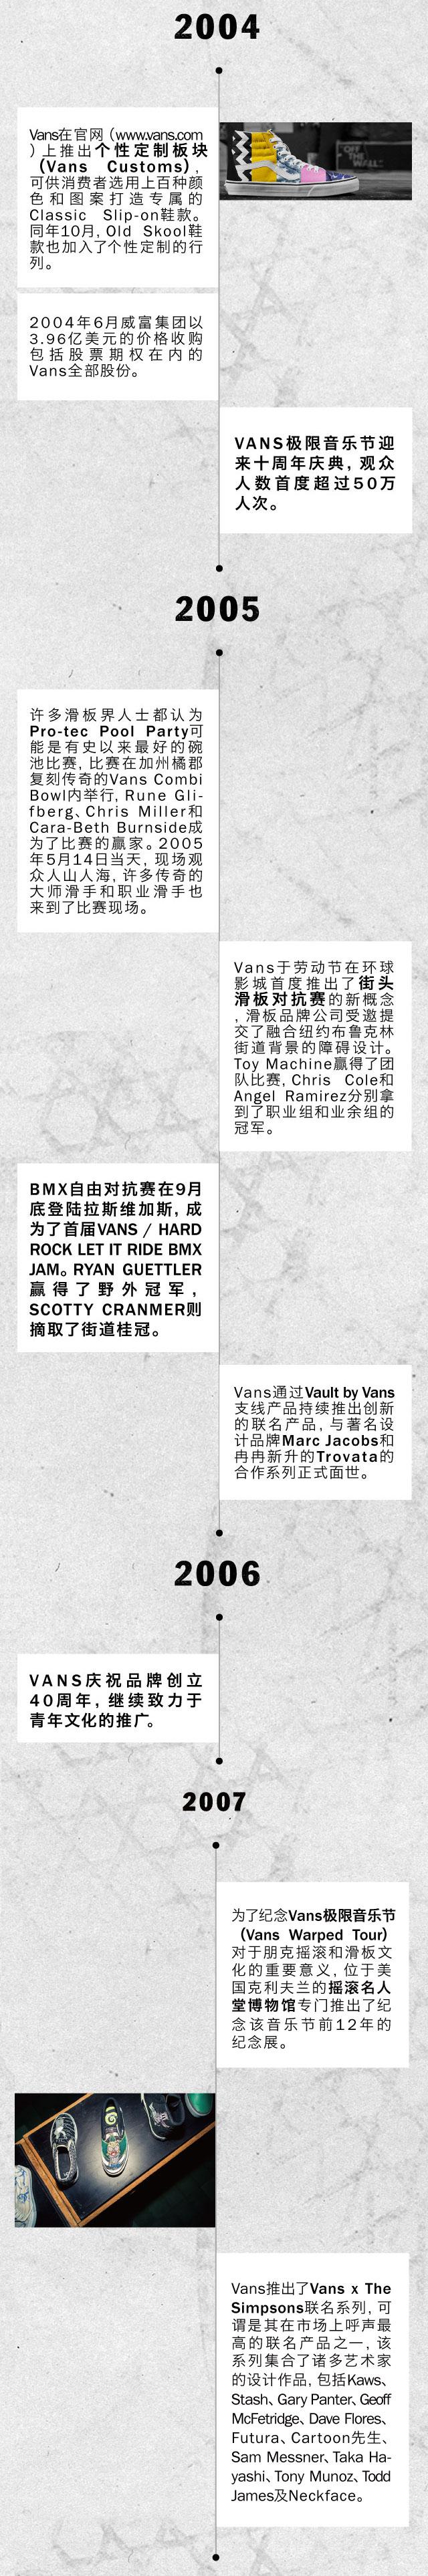 Vans-Brand-History_Mobile_04